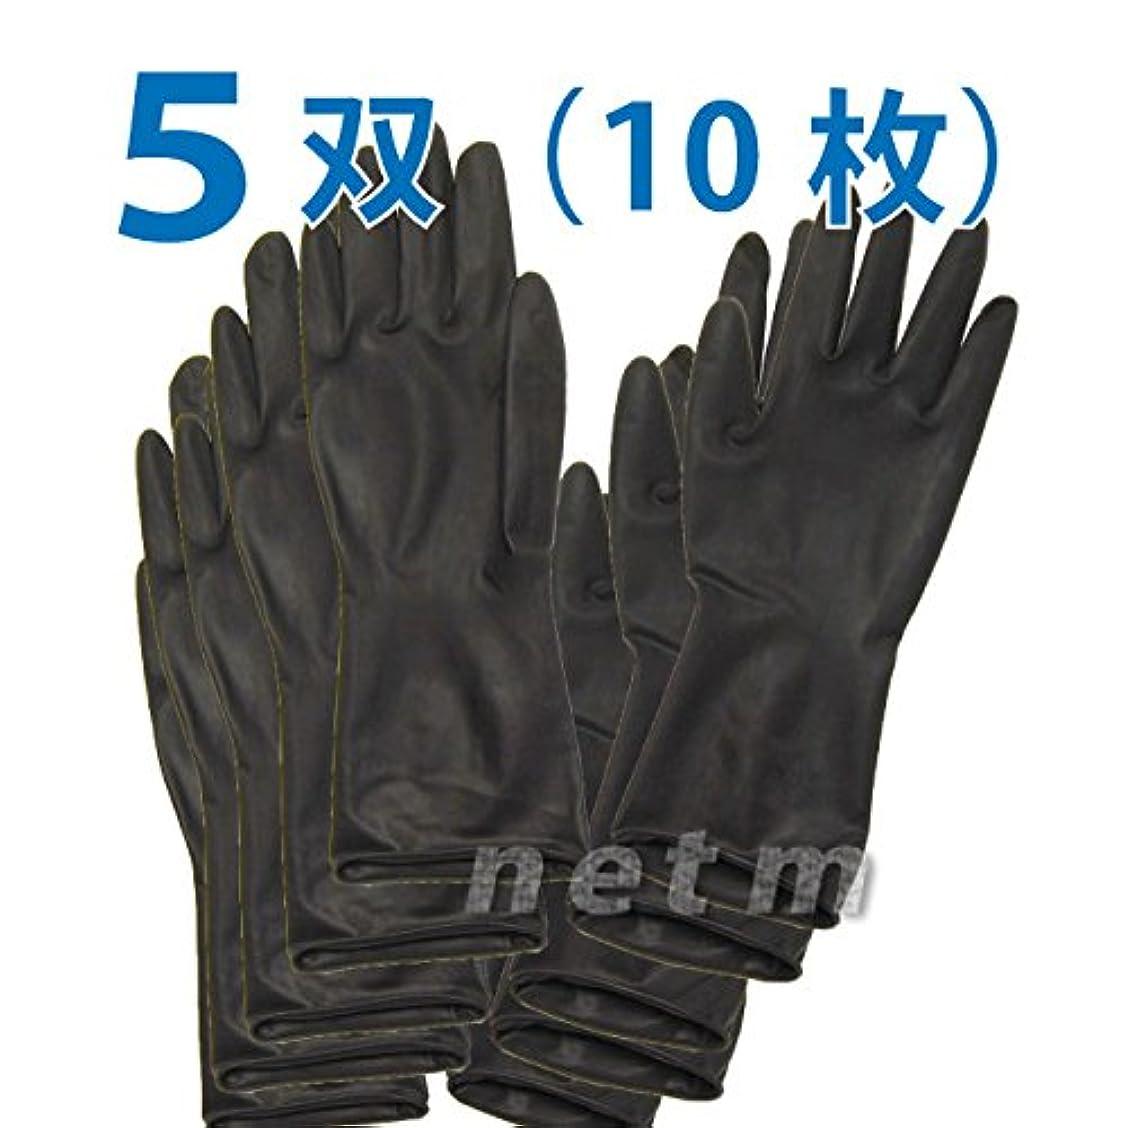 の間にピアースお金ゴムオカモト ブラックグローブ ロングタイプ SSサイズ  5双(10枚)